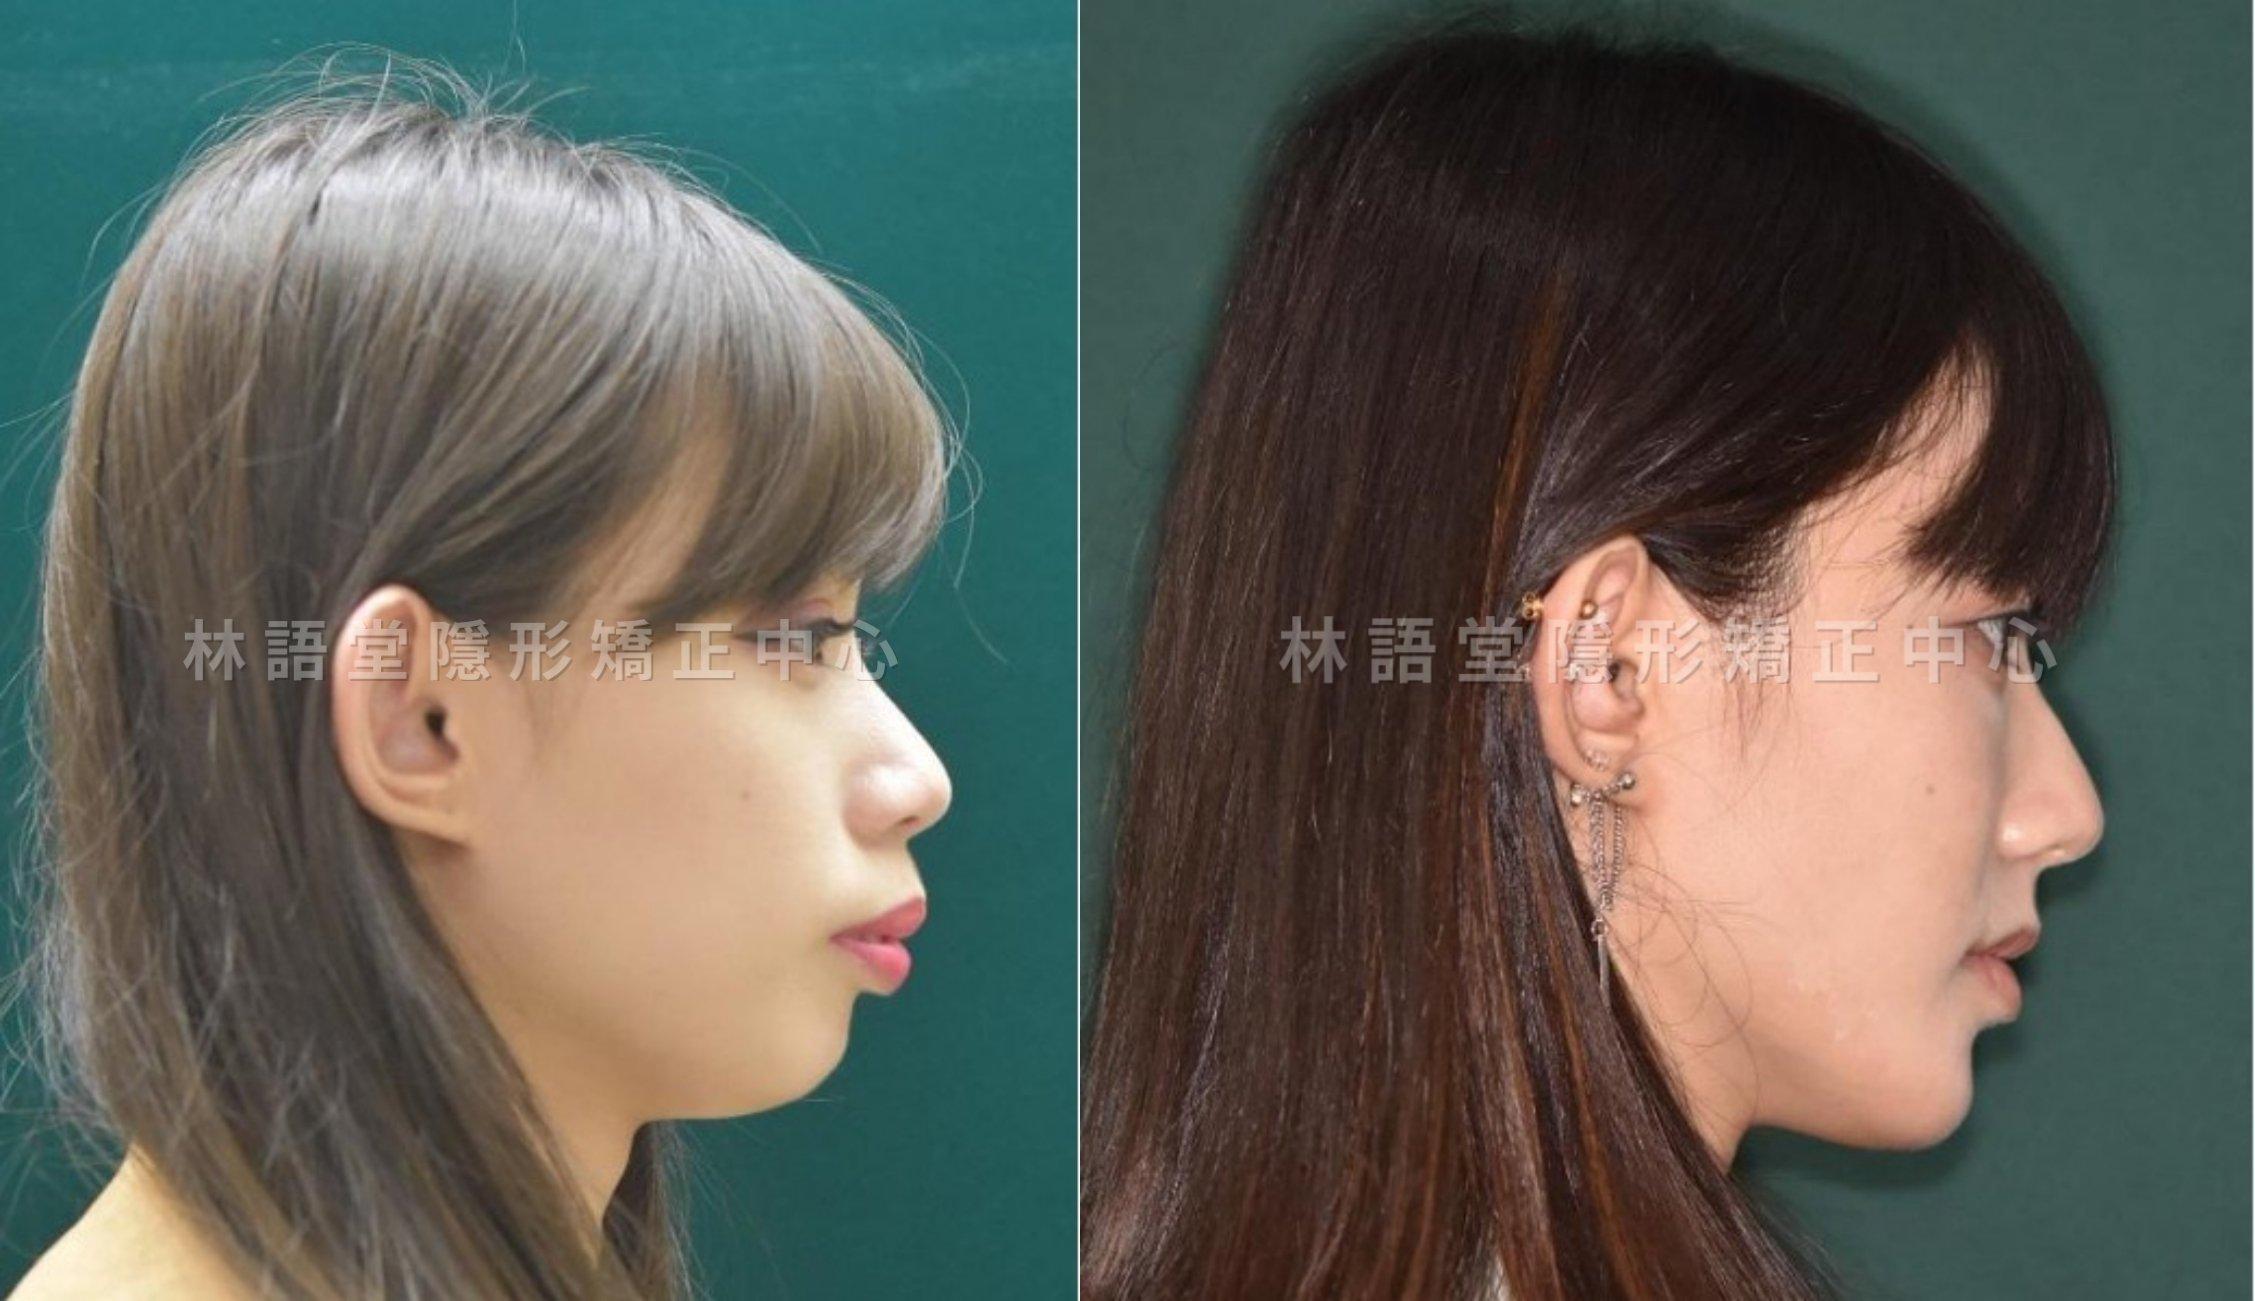 矯正案例:成人下顎骨後縮、明顯暴牙、突嘴.jpg